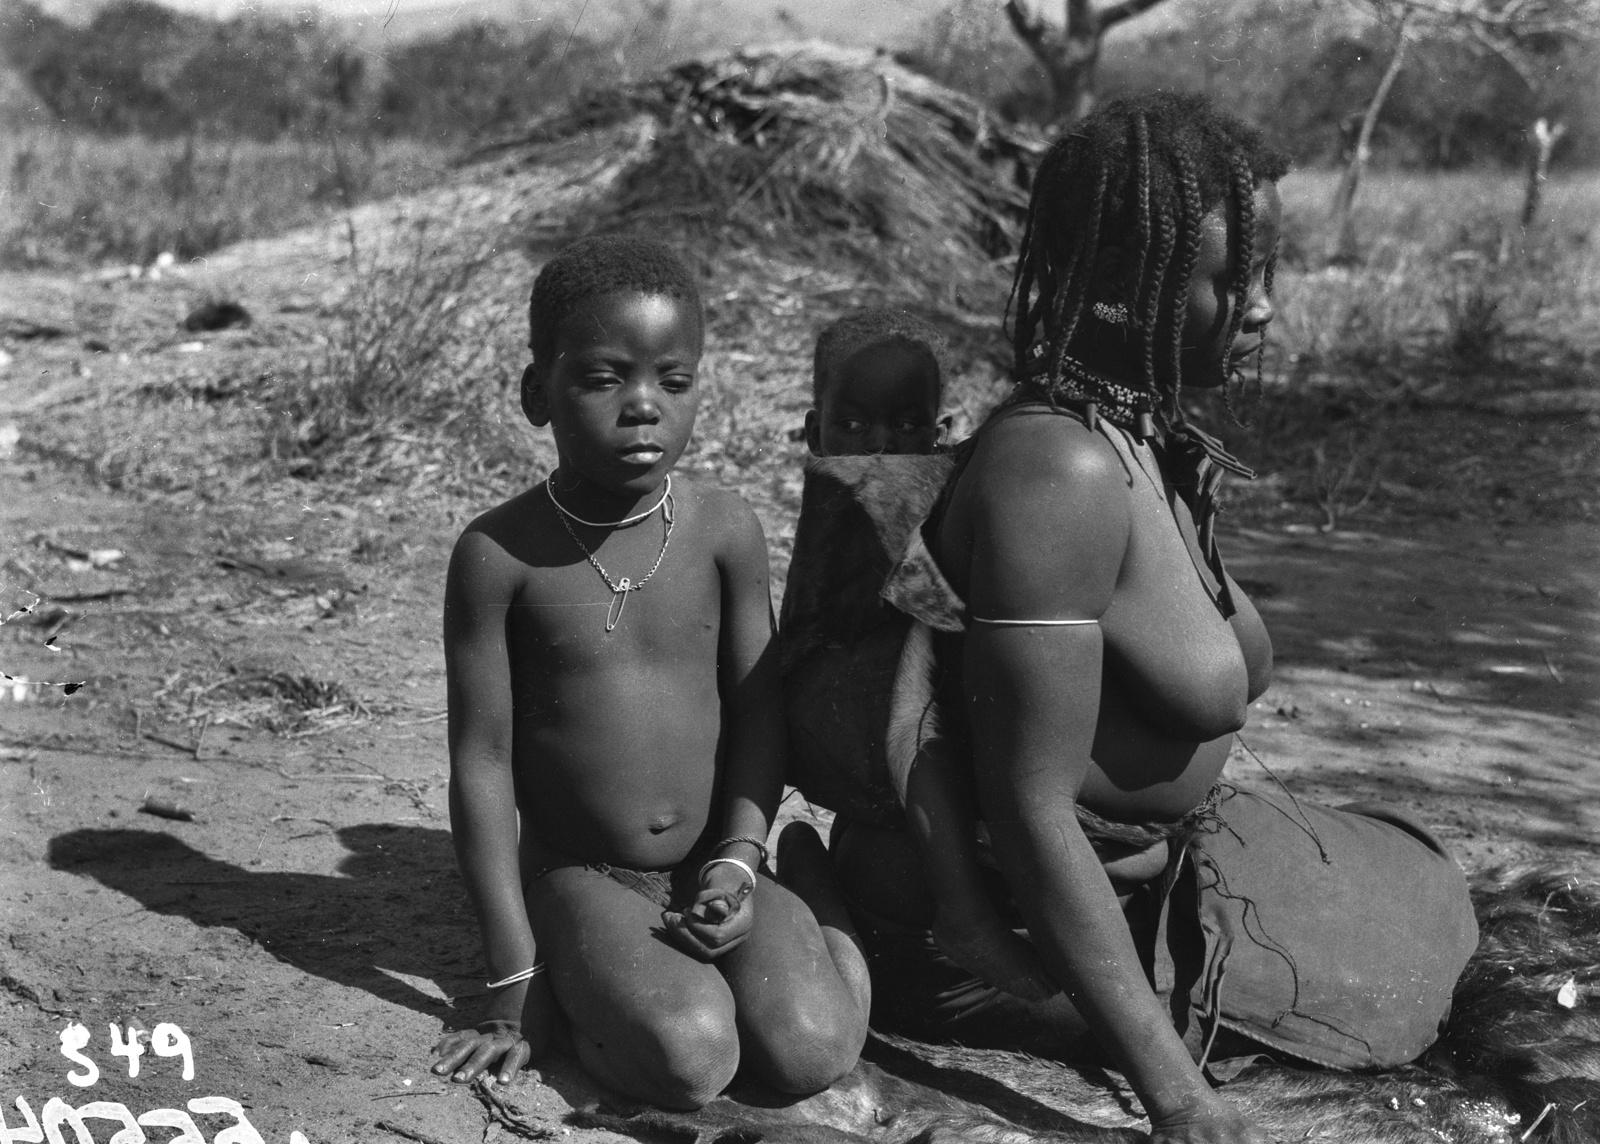 Южно-Африканский Союз. В окрестностях Претории. Женщина банту с двумя детьми